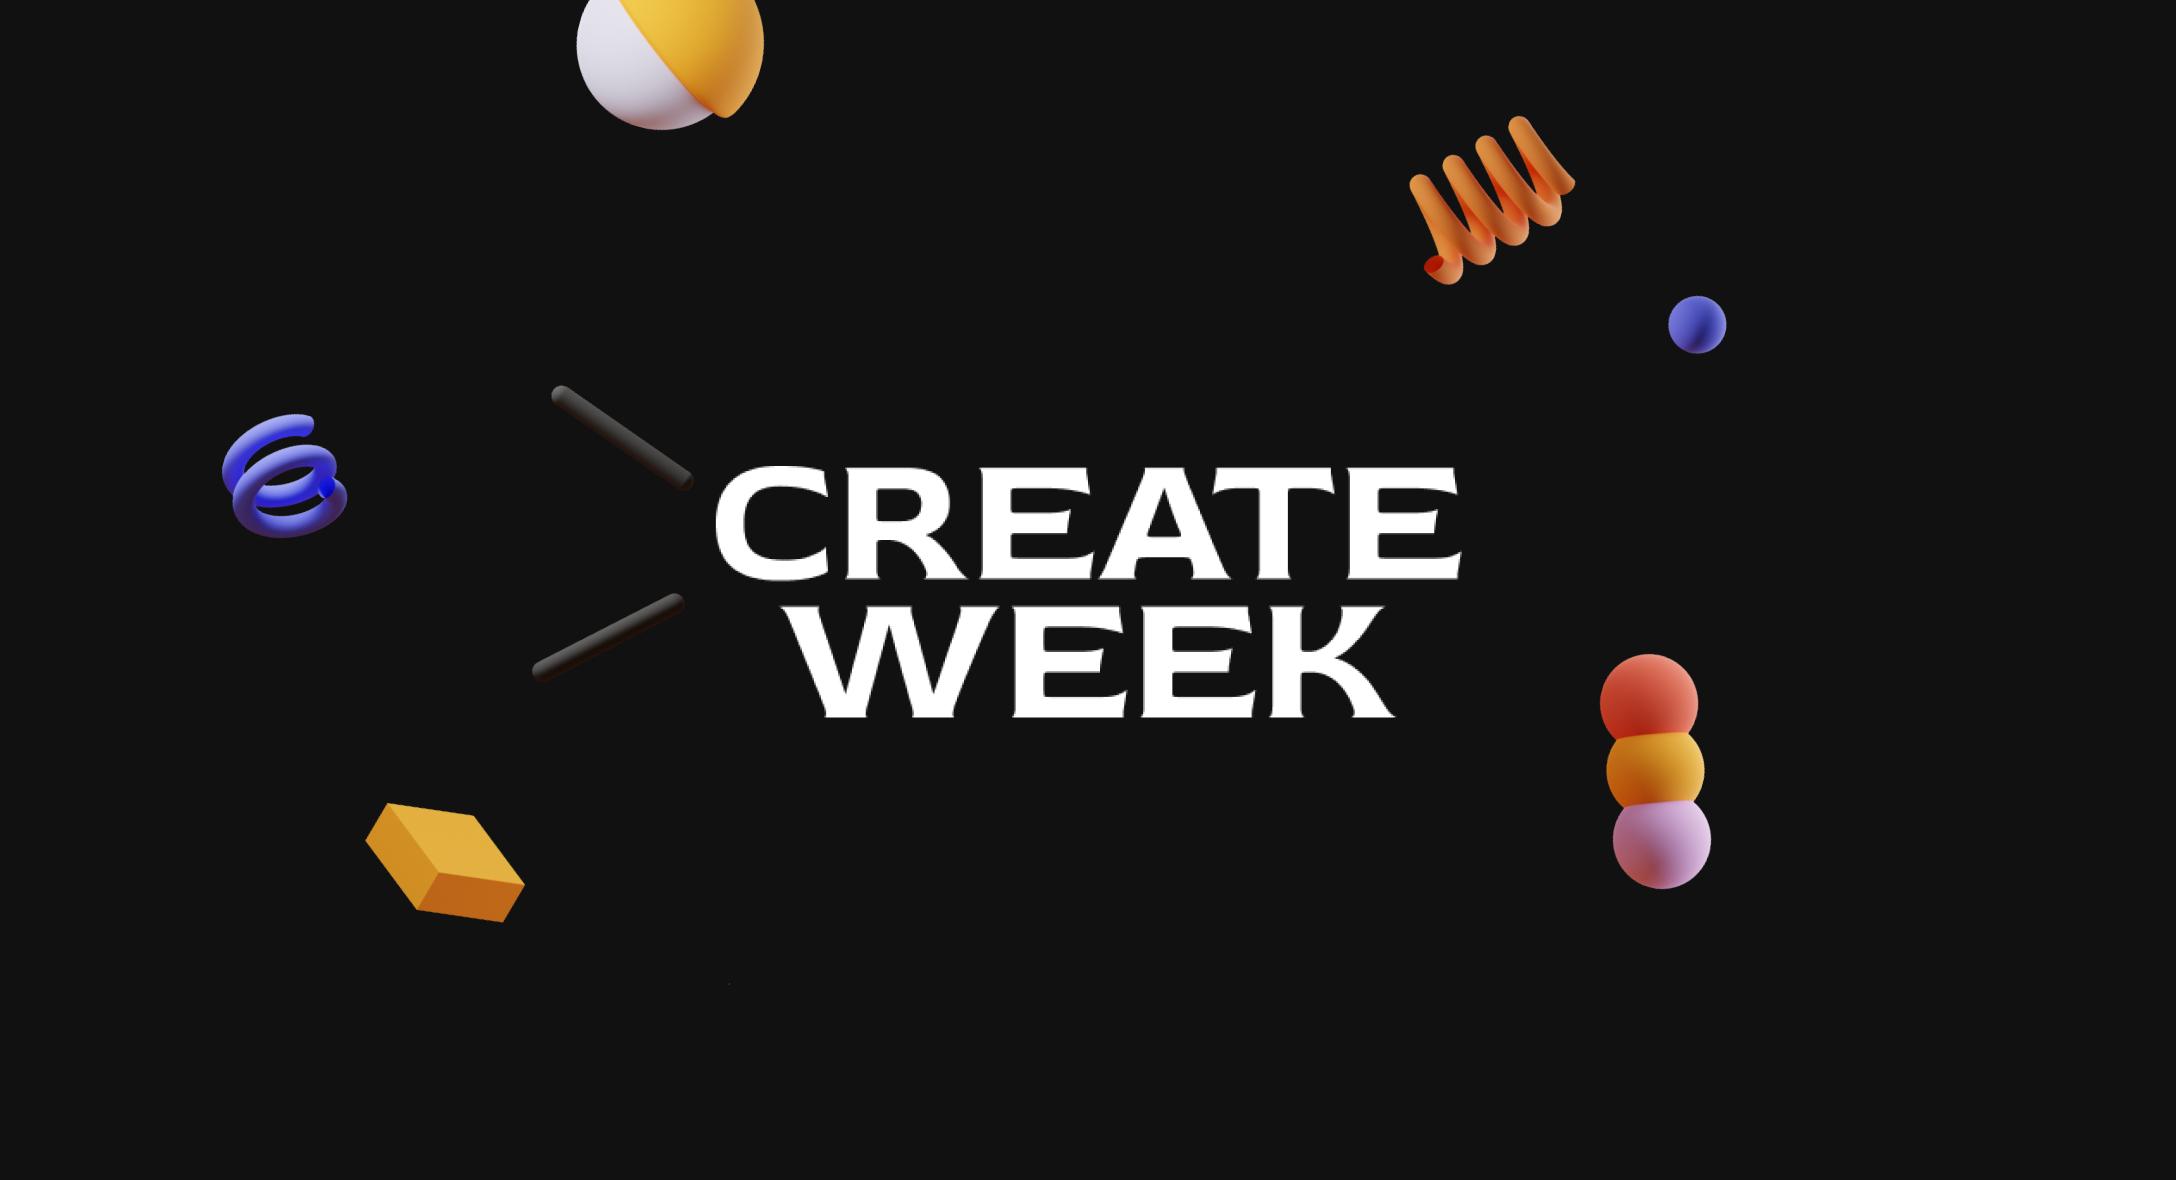 Skcript Create Week